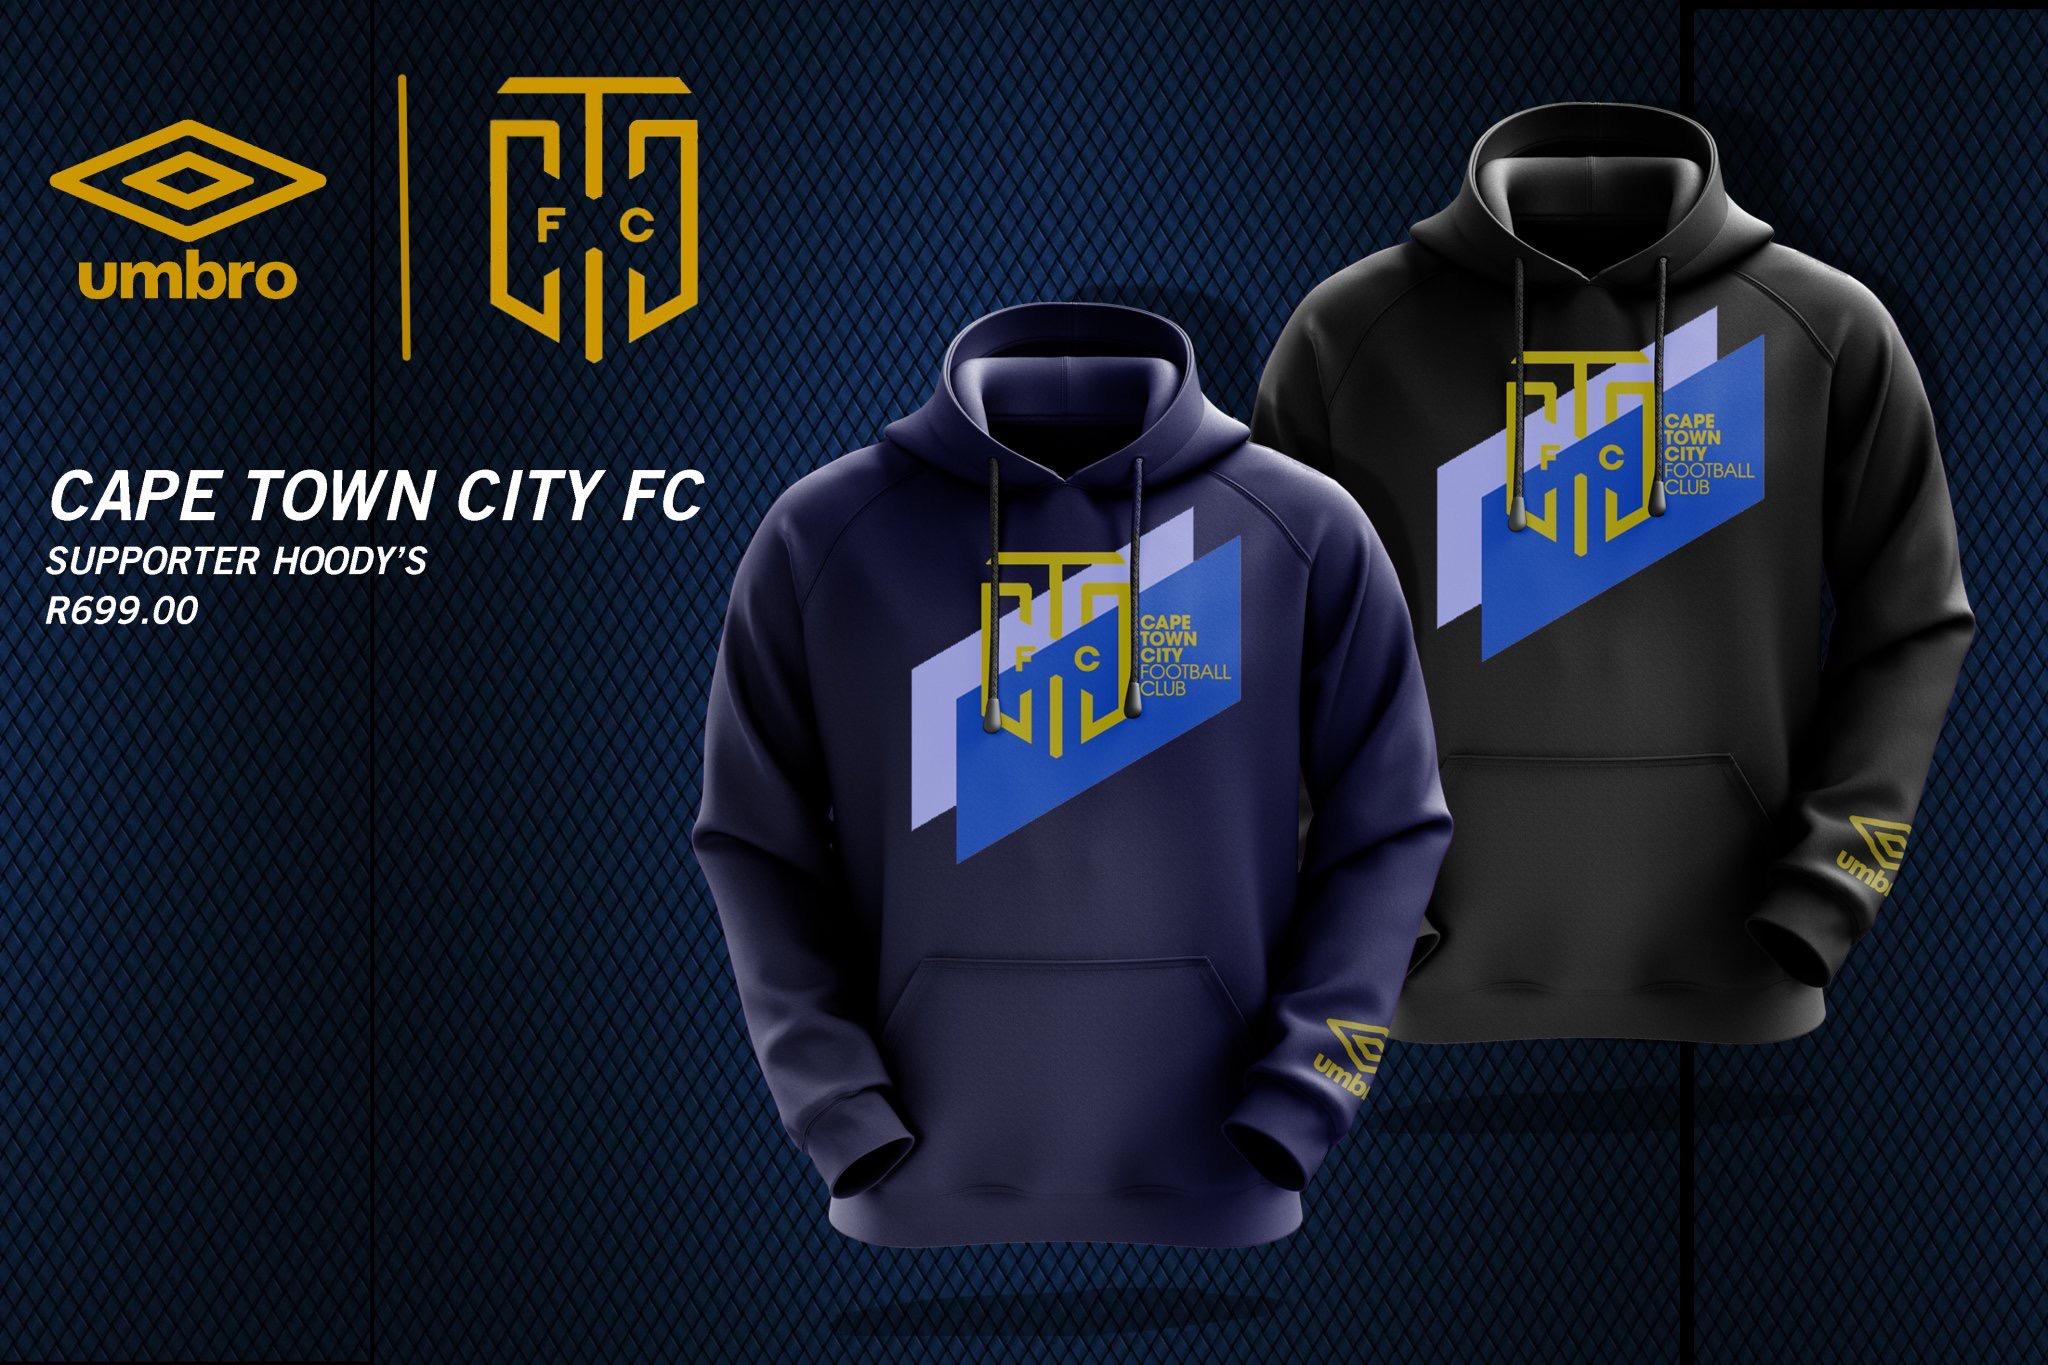 Cape Town City FC Merchandise By UMBRO - Mr. Cape Town 13e3704d8d6